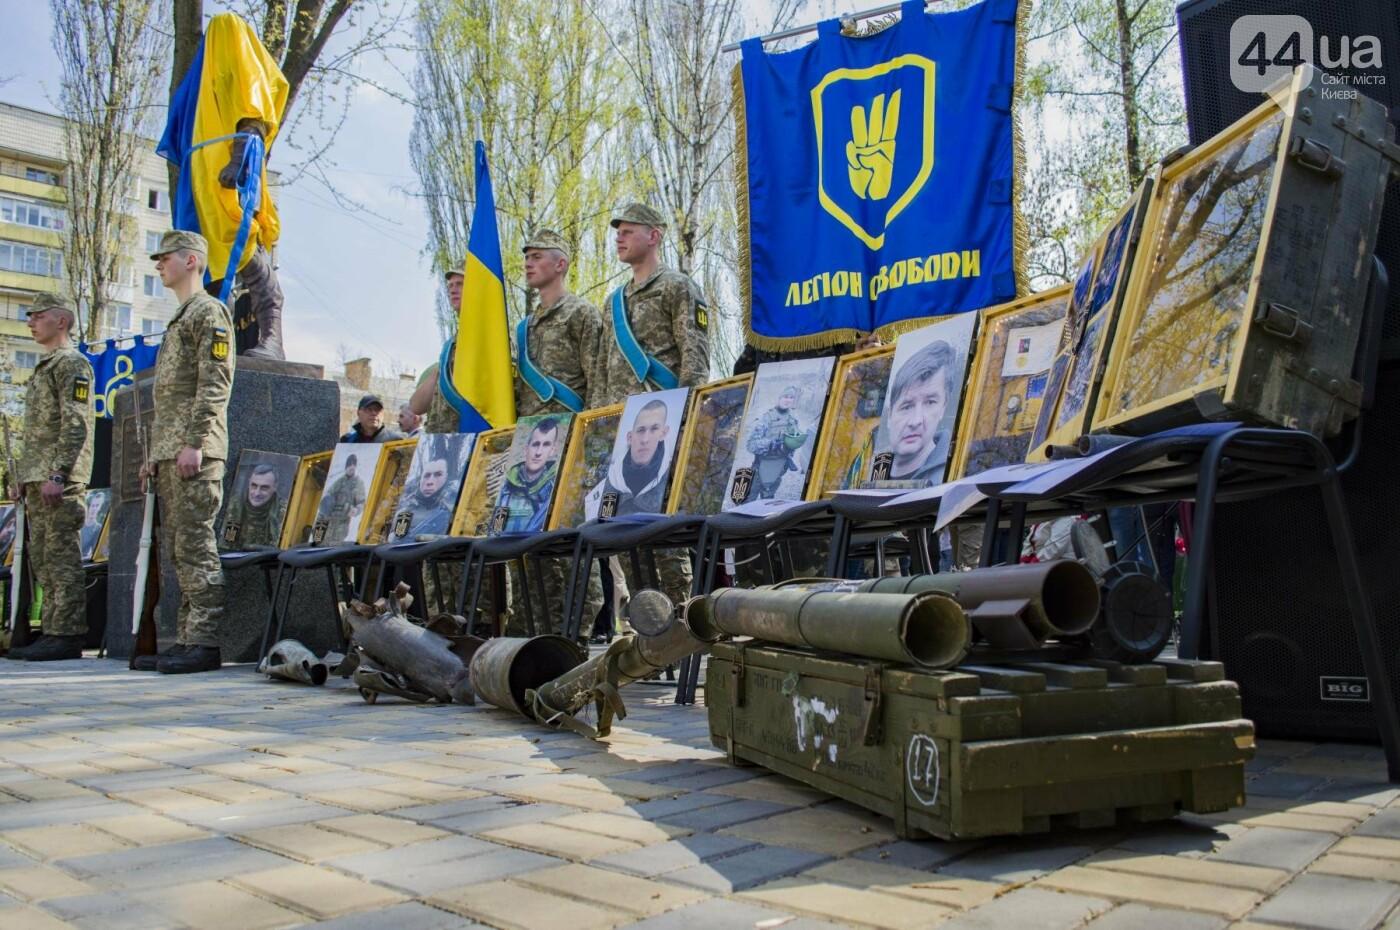 В Киеве открыли памятник погибшему бойцу АТО, фото-4